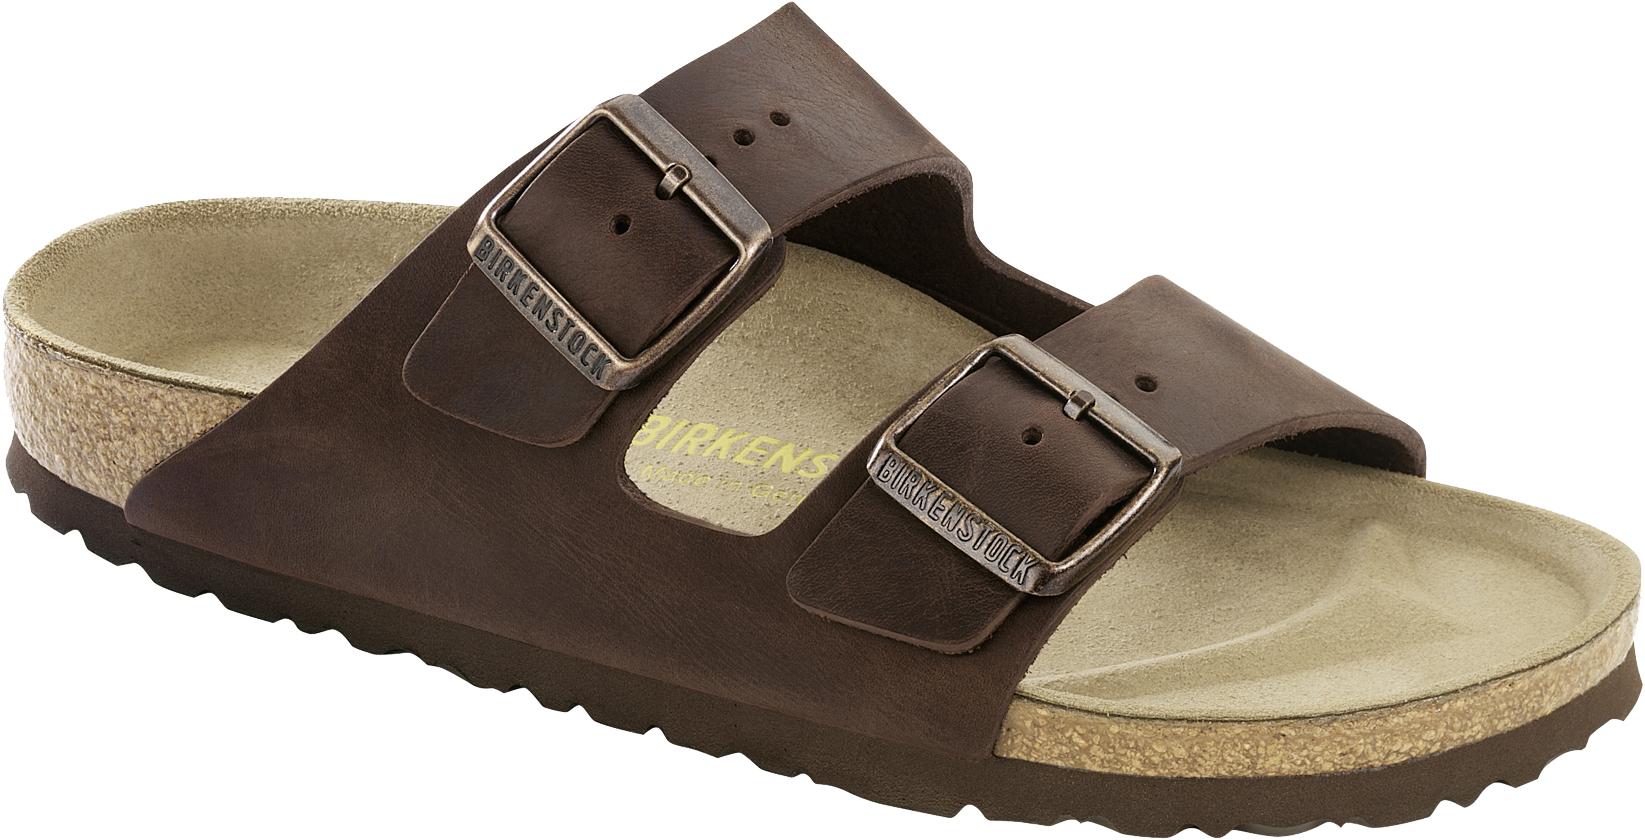 Bottes Chaussures Chaussures Et Et Et Femmes Femmes Pour Bottes Bottes Pour HISCq8